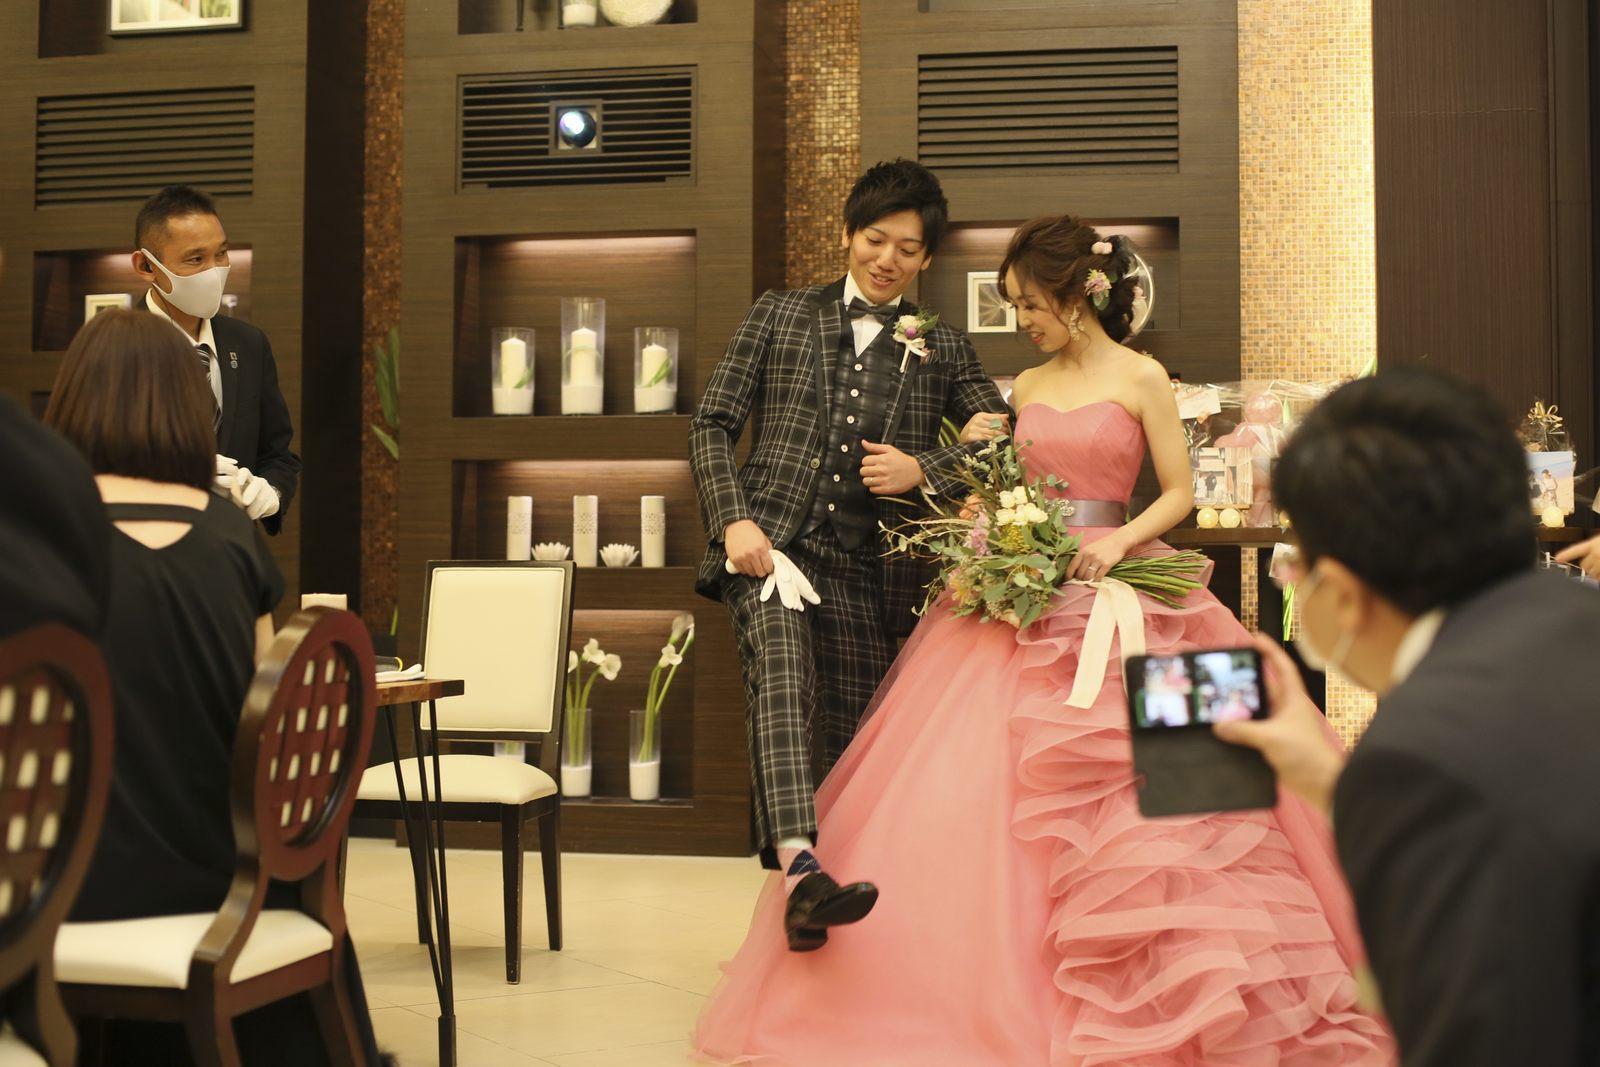 徳島県の結婚式場ブランアンジュでゲストにリンクコーデを見せるオシャレが好きな新郎新婦